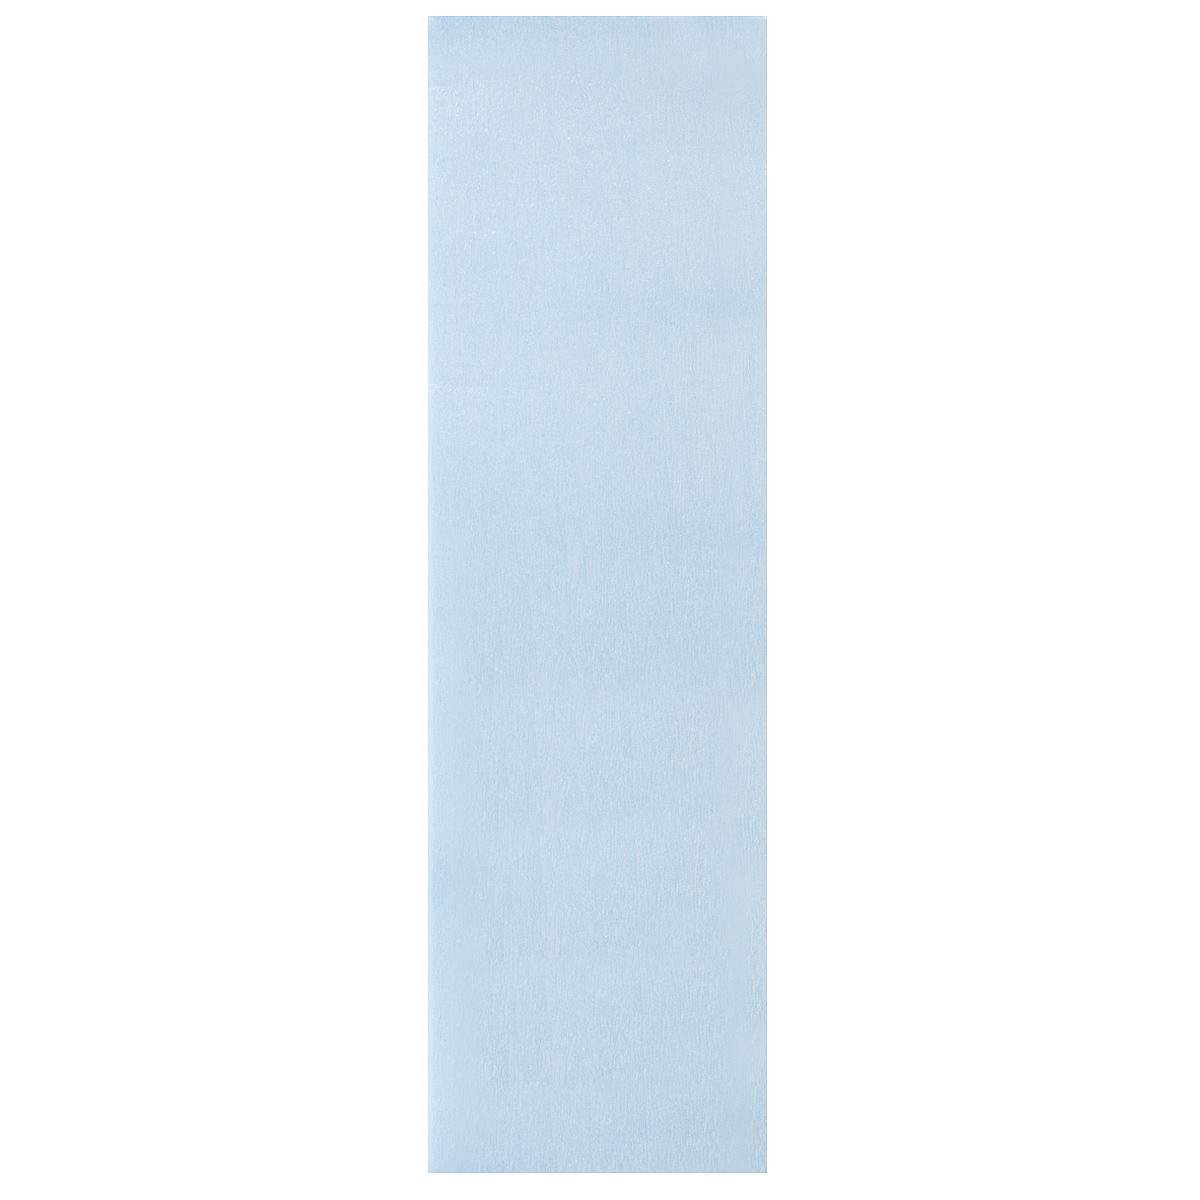 Бумага крепированная Проф-Пресс, перламутровая, цвет: голубой, 50 х 250 смБ-2315Крепированная перламутровая бумага Проф-Пресс - отличный вариант для воплощения творческих идей не только детей, но и взрослых. Она отлично подойдет для упаковки хрупких изделий, при оформлении букетов, создании сложных цветовых композиций, для декорирования и других оформительских работ. Бумага обладает повышенной прочностью и жесткостью, хорошо растягивается, имеет жатую поверхность. Кроме того, перламутровая бумага Проф-Пресс поможет увлечь ребенка, развивая интерес к художественному творчеству, эстетический вкус и восприятие, увеличивая желание делать подарки своими руками, воспитывая самостоятельность и аккуратность в работе. Такая бумага поможет вашему ребенку раскрыть свои таланты. Размер: 50 см х 250 см.